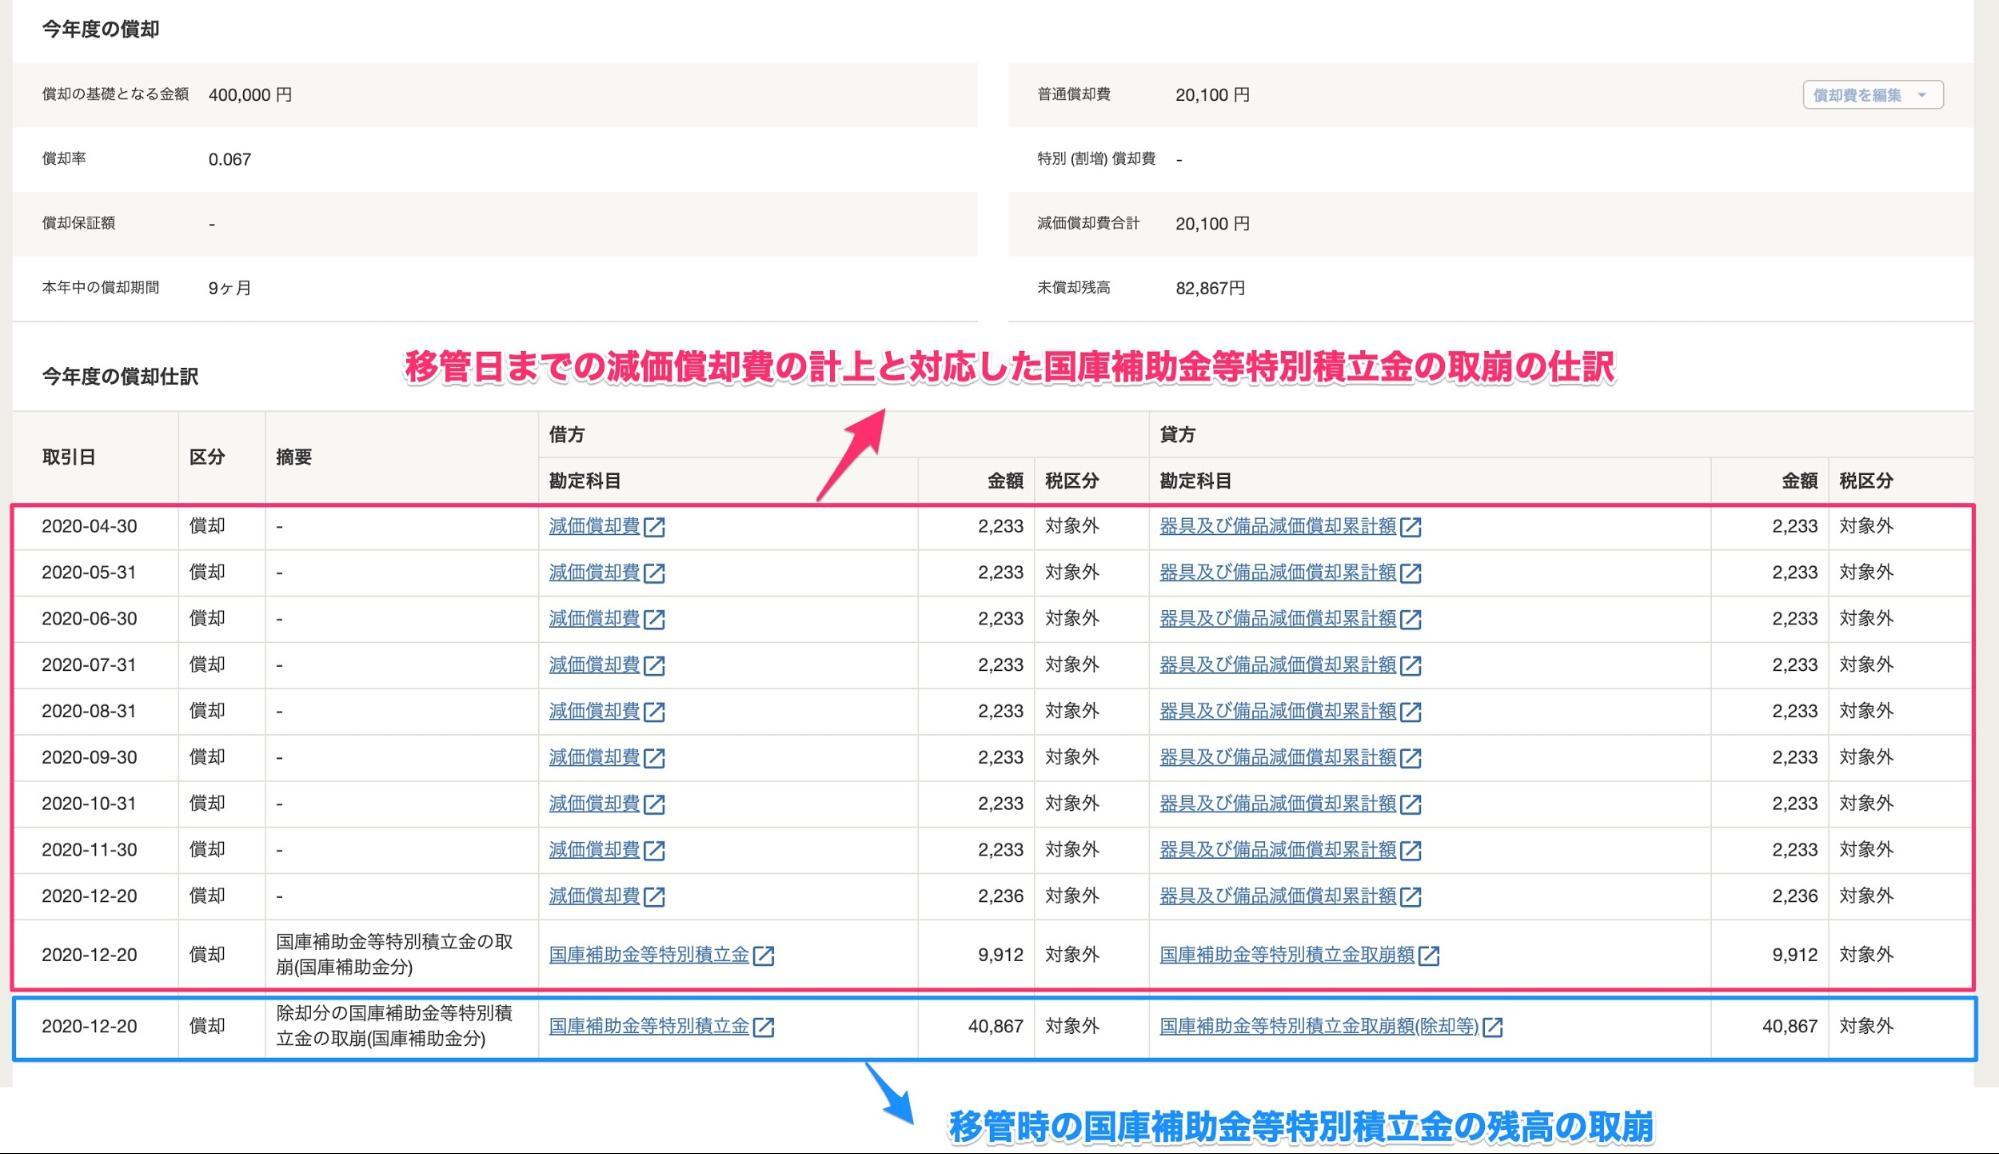 固定資産の詳細画面で「今年度の償却仕訳」項目を表示しているスクリーンショット